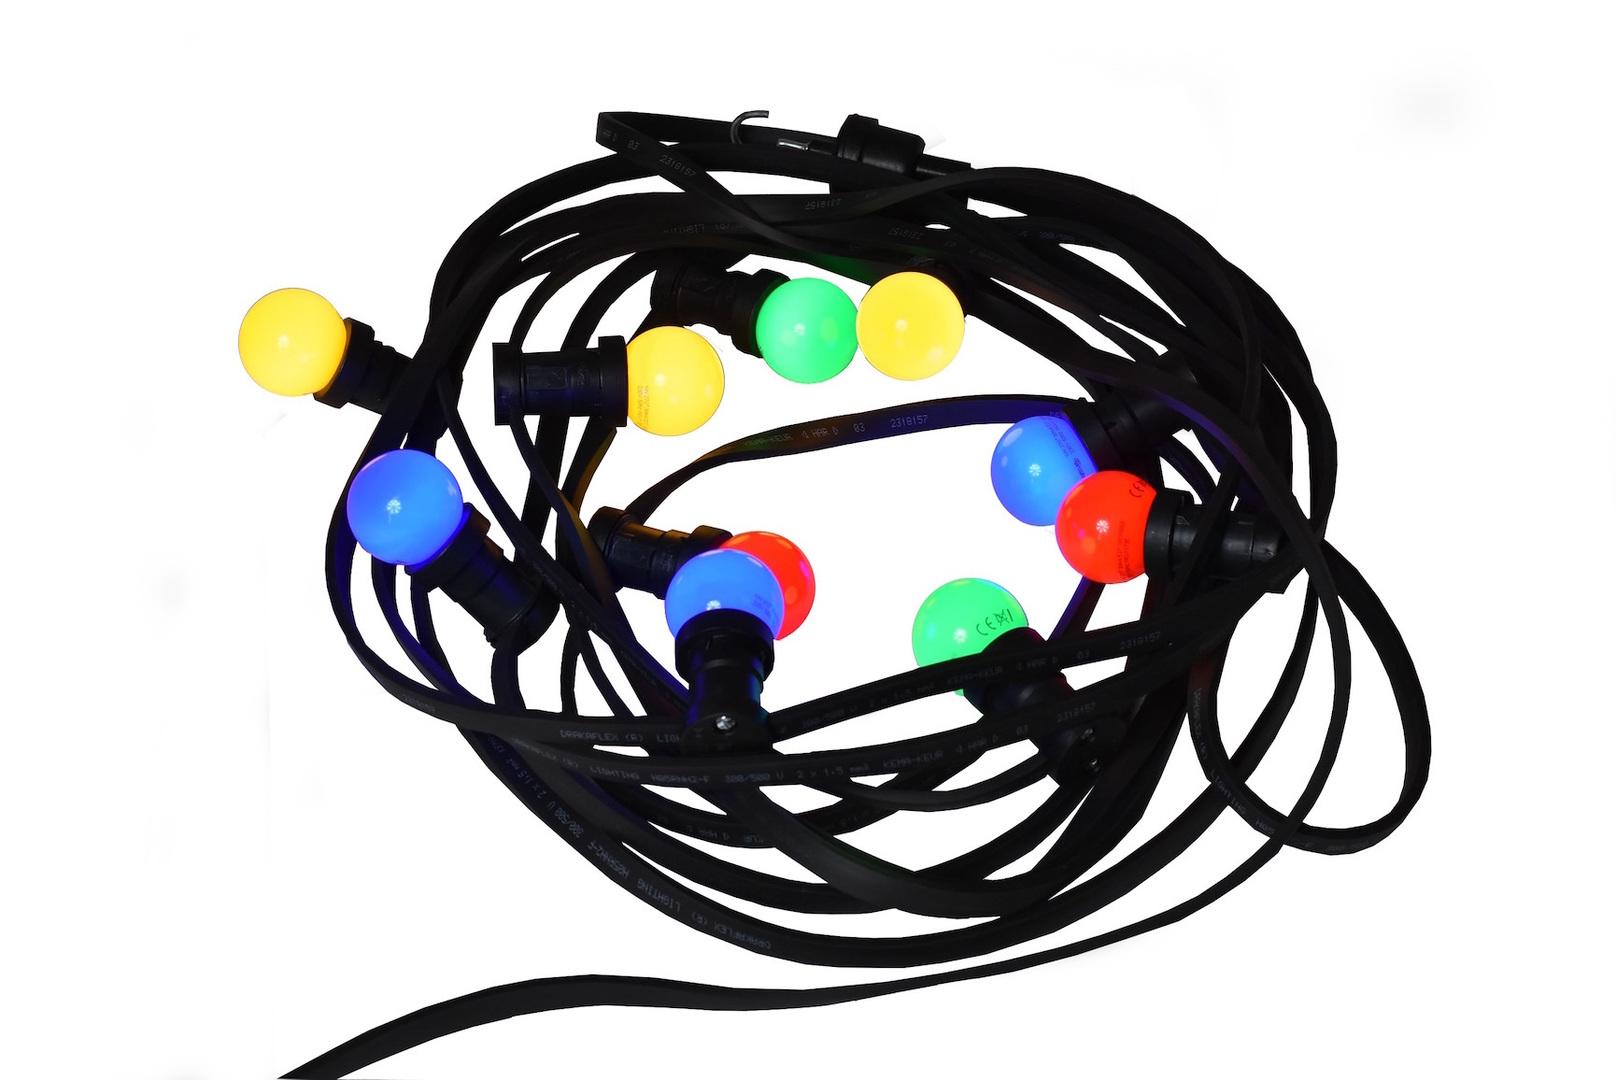 String Light pentru terasa restaurantului - 20m cu 20 becuri LED multicolore